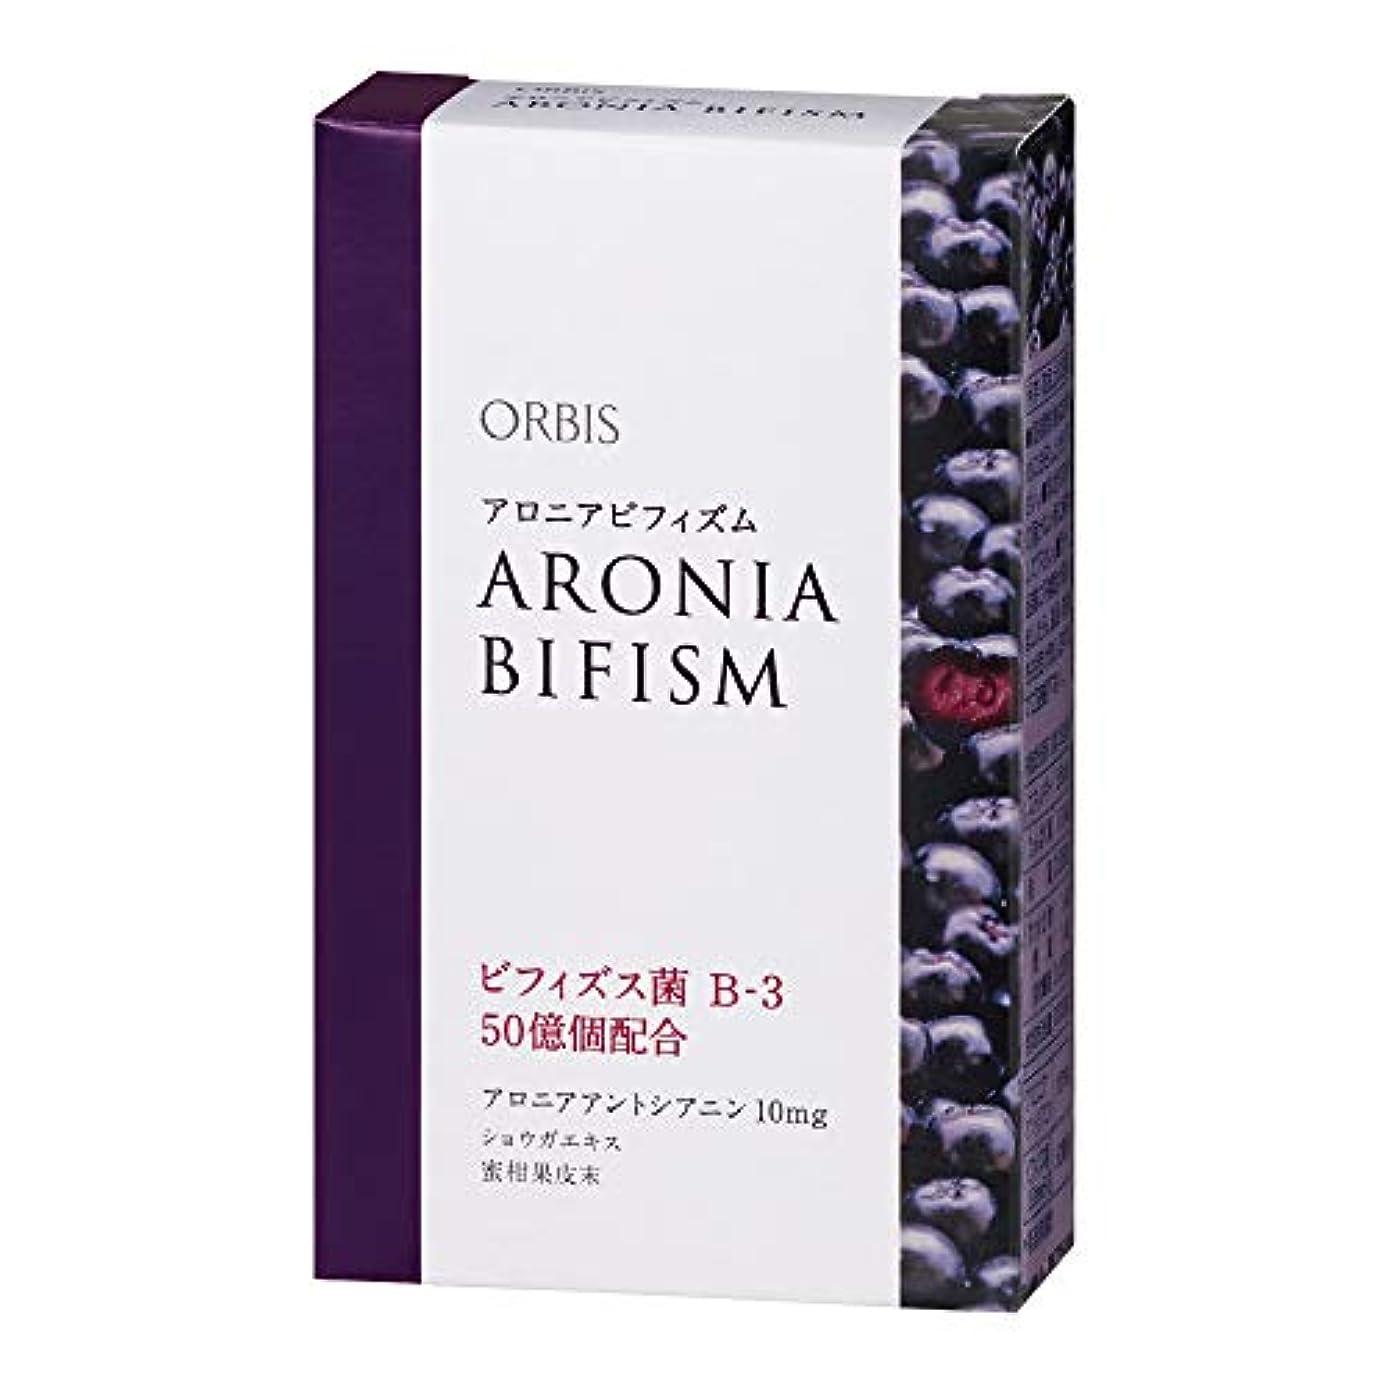 オーバーフローペナルティ本能オルビス(ORBIS) アロニアビフィズム(ミックスベリー風味) 15日分(1.5g×15袋) ◎美容サプリメント◎